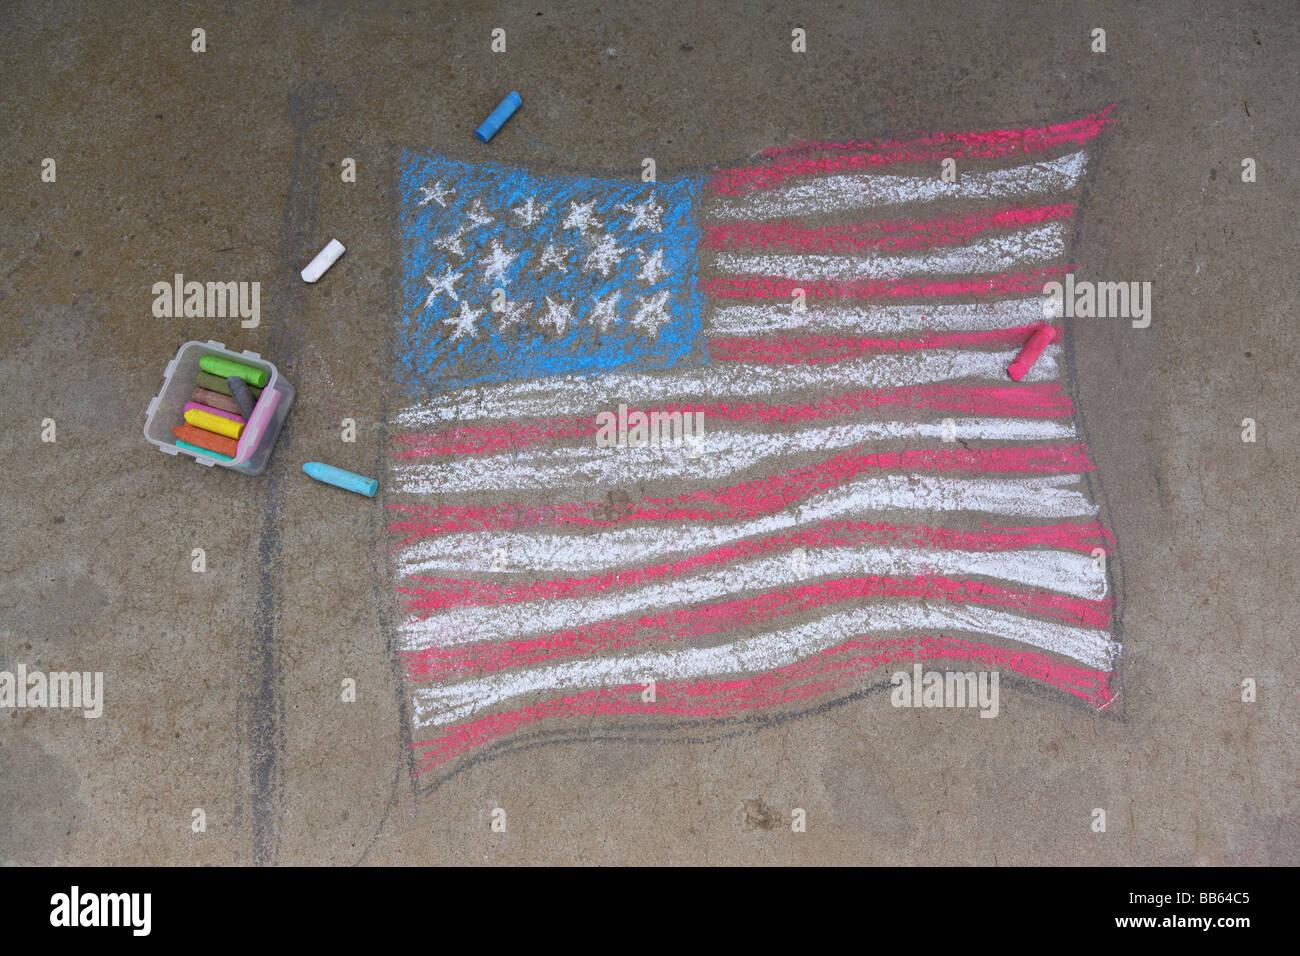 Drapeau américain dessiné en craies de trottoir Photo Stock